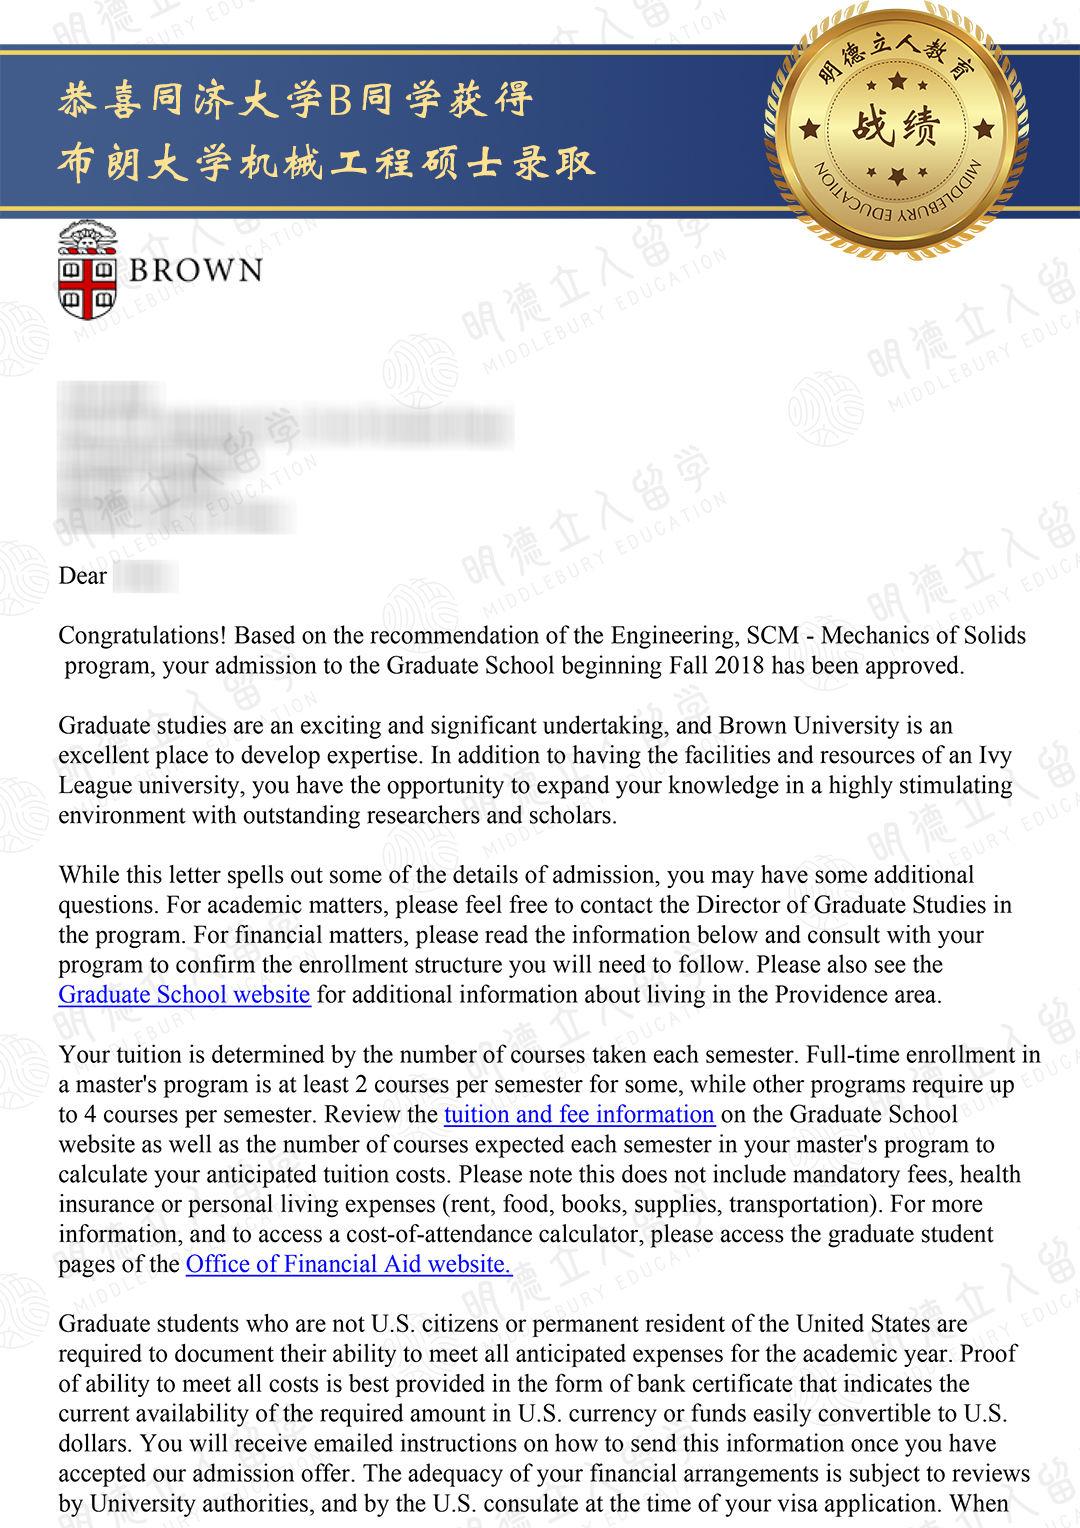 0309布朗大学.jpg